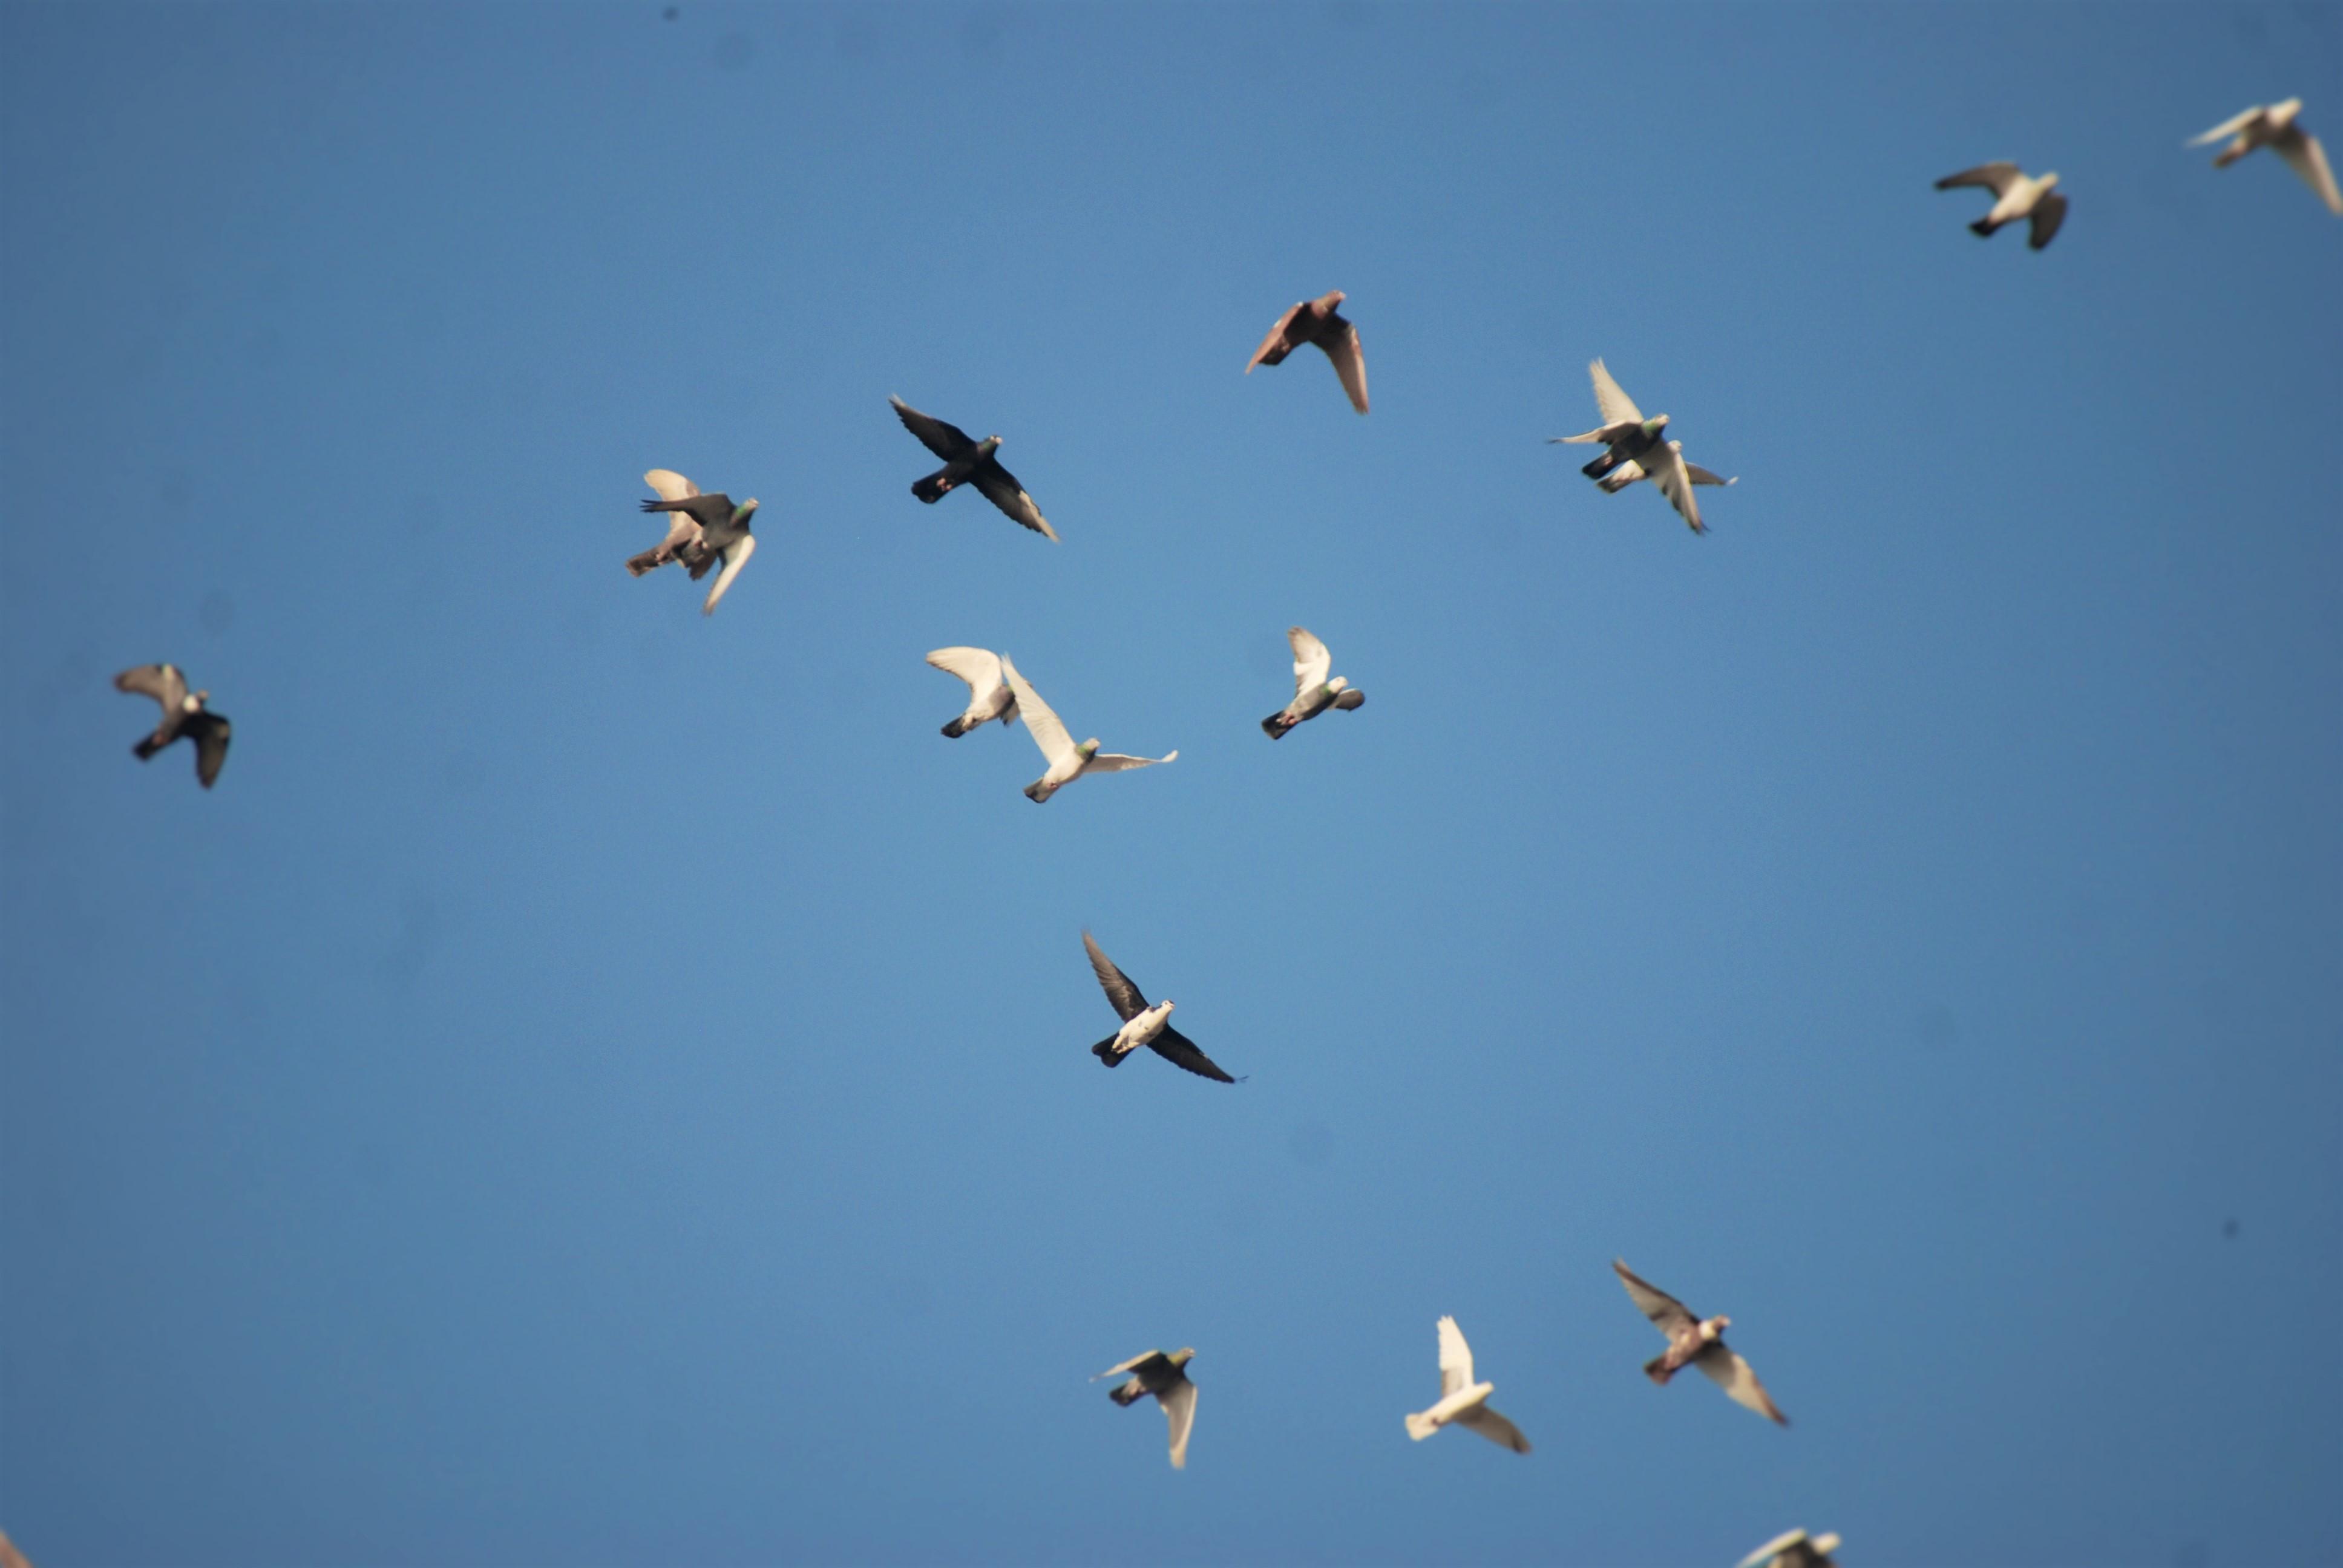 Stiahnite si zdarma túto fotografiu o Vták Dom Bird Box Kŕmne Miesto z Pixabay knižnice public domain obrázkov a videí.